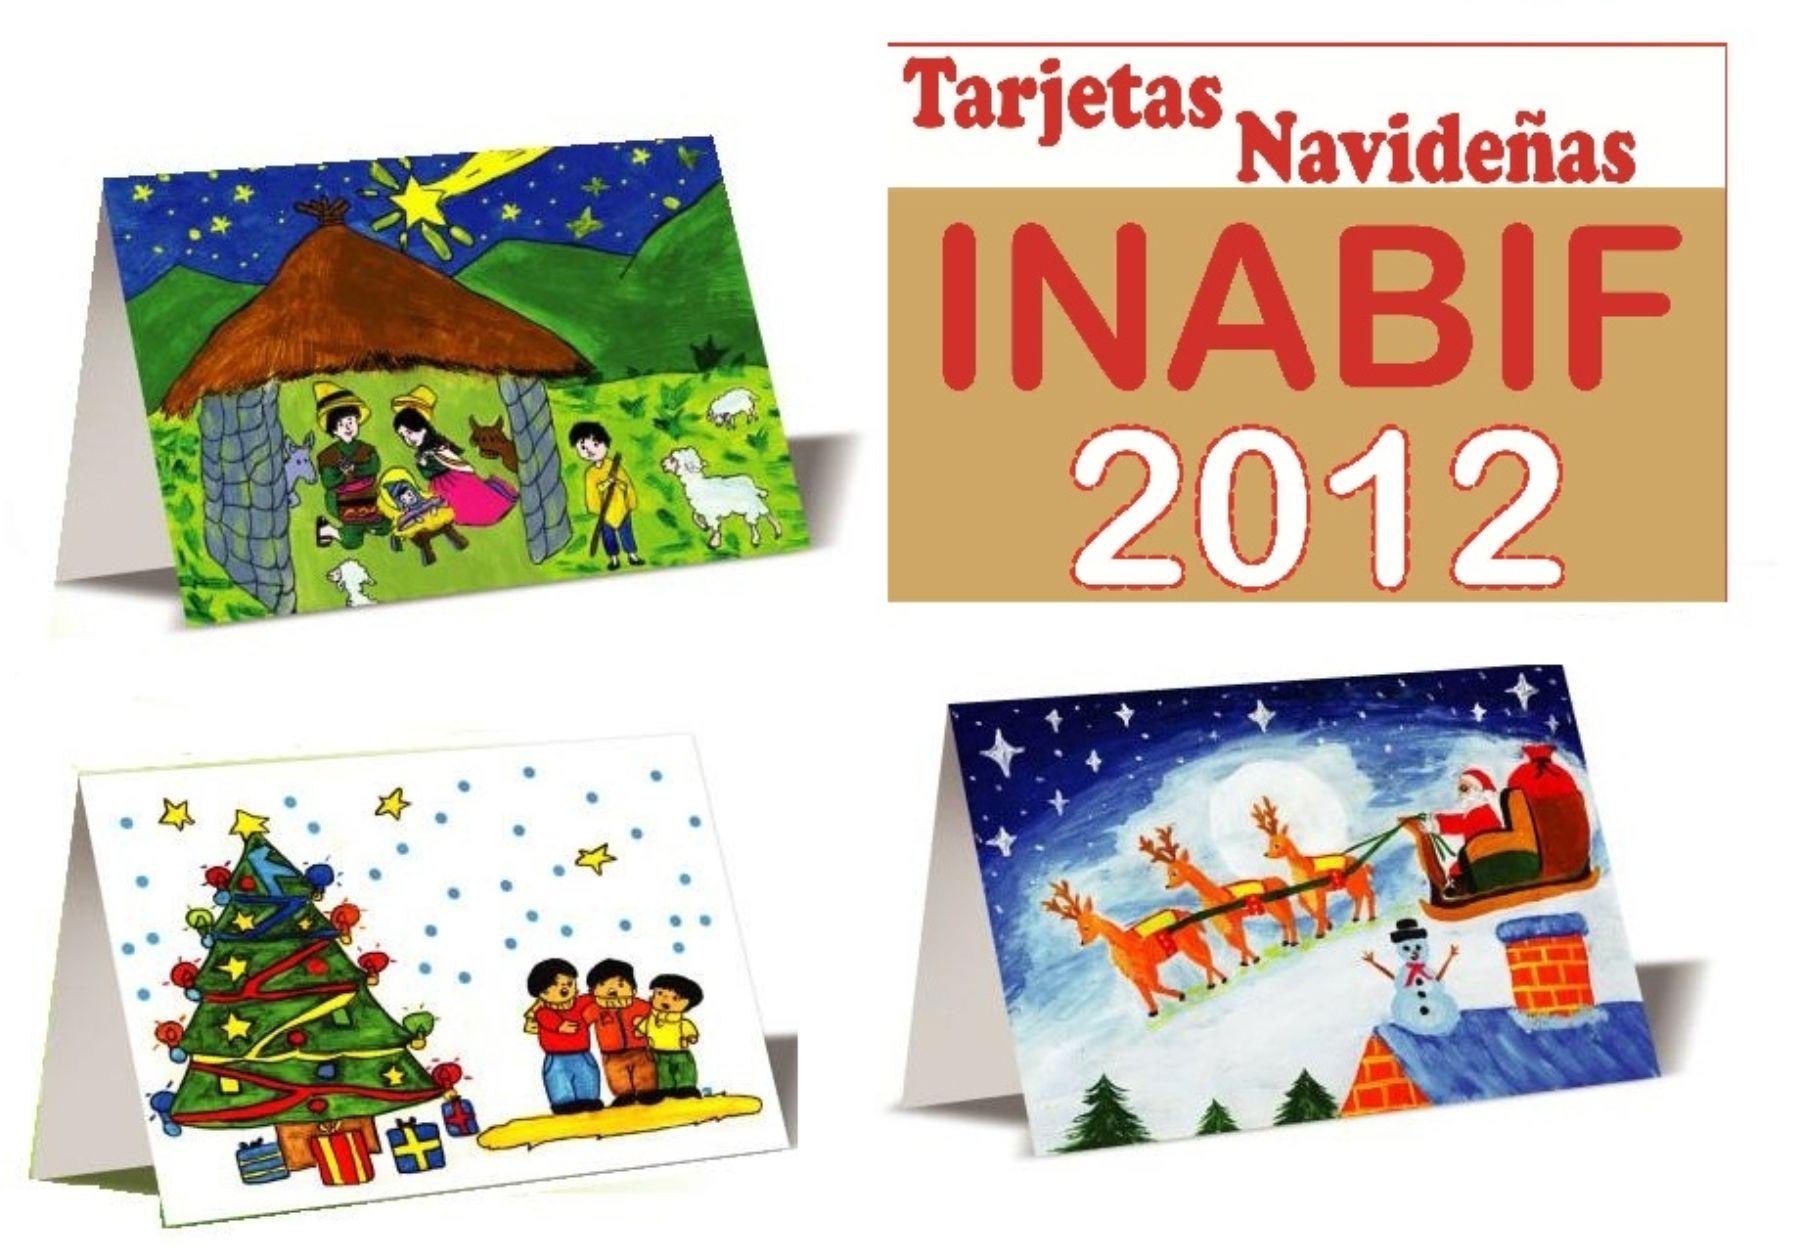 Inabif presentar este martes dibujos ganadores que - Dibujos tarjetas navidenas ...